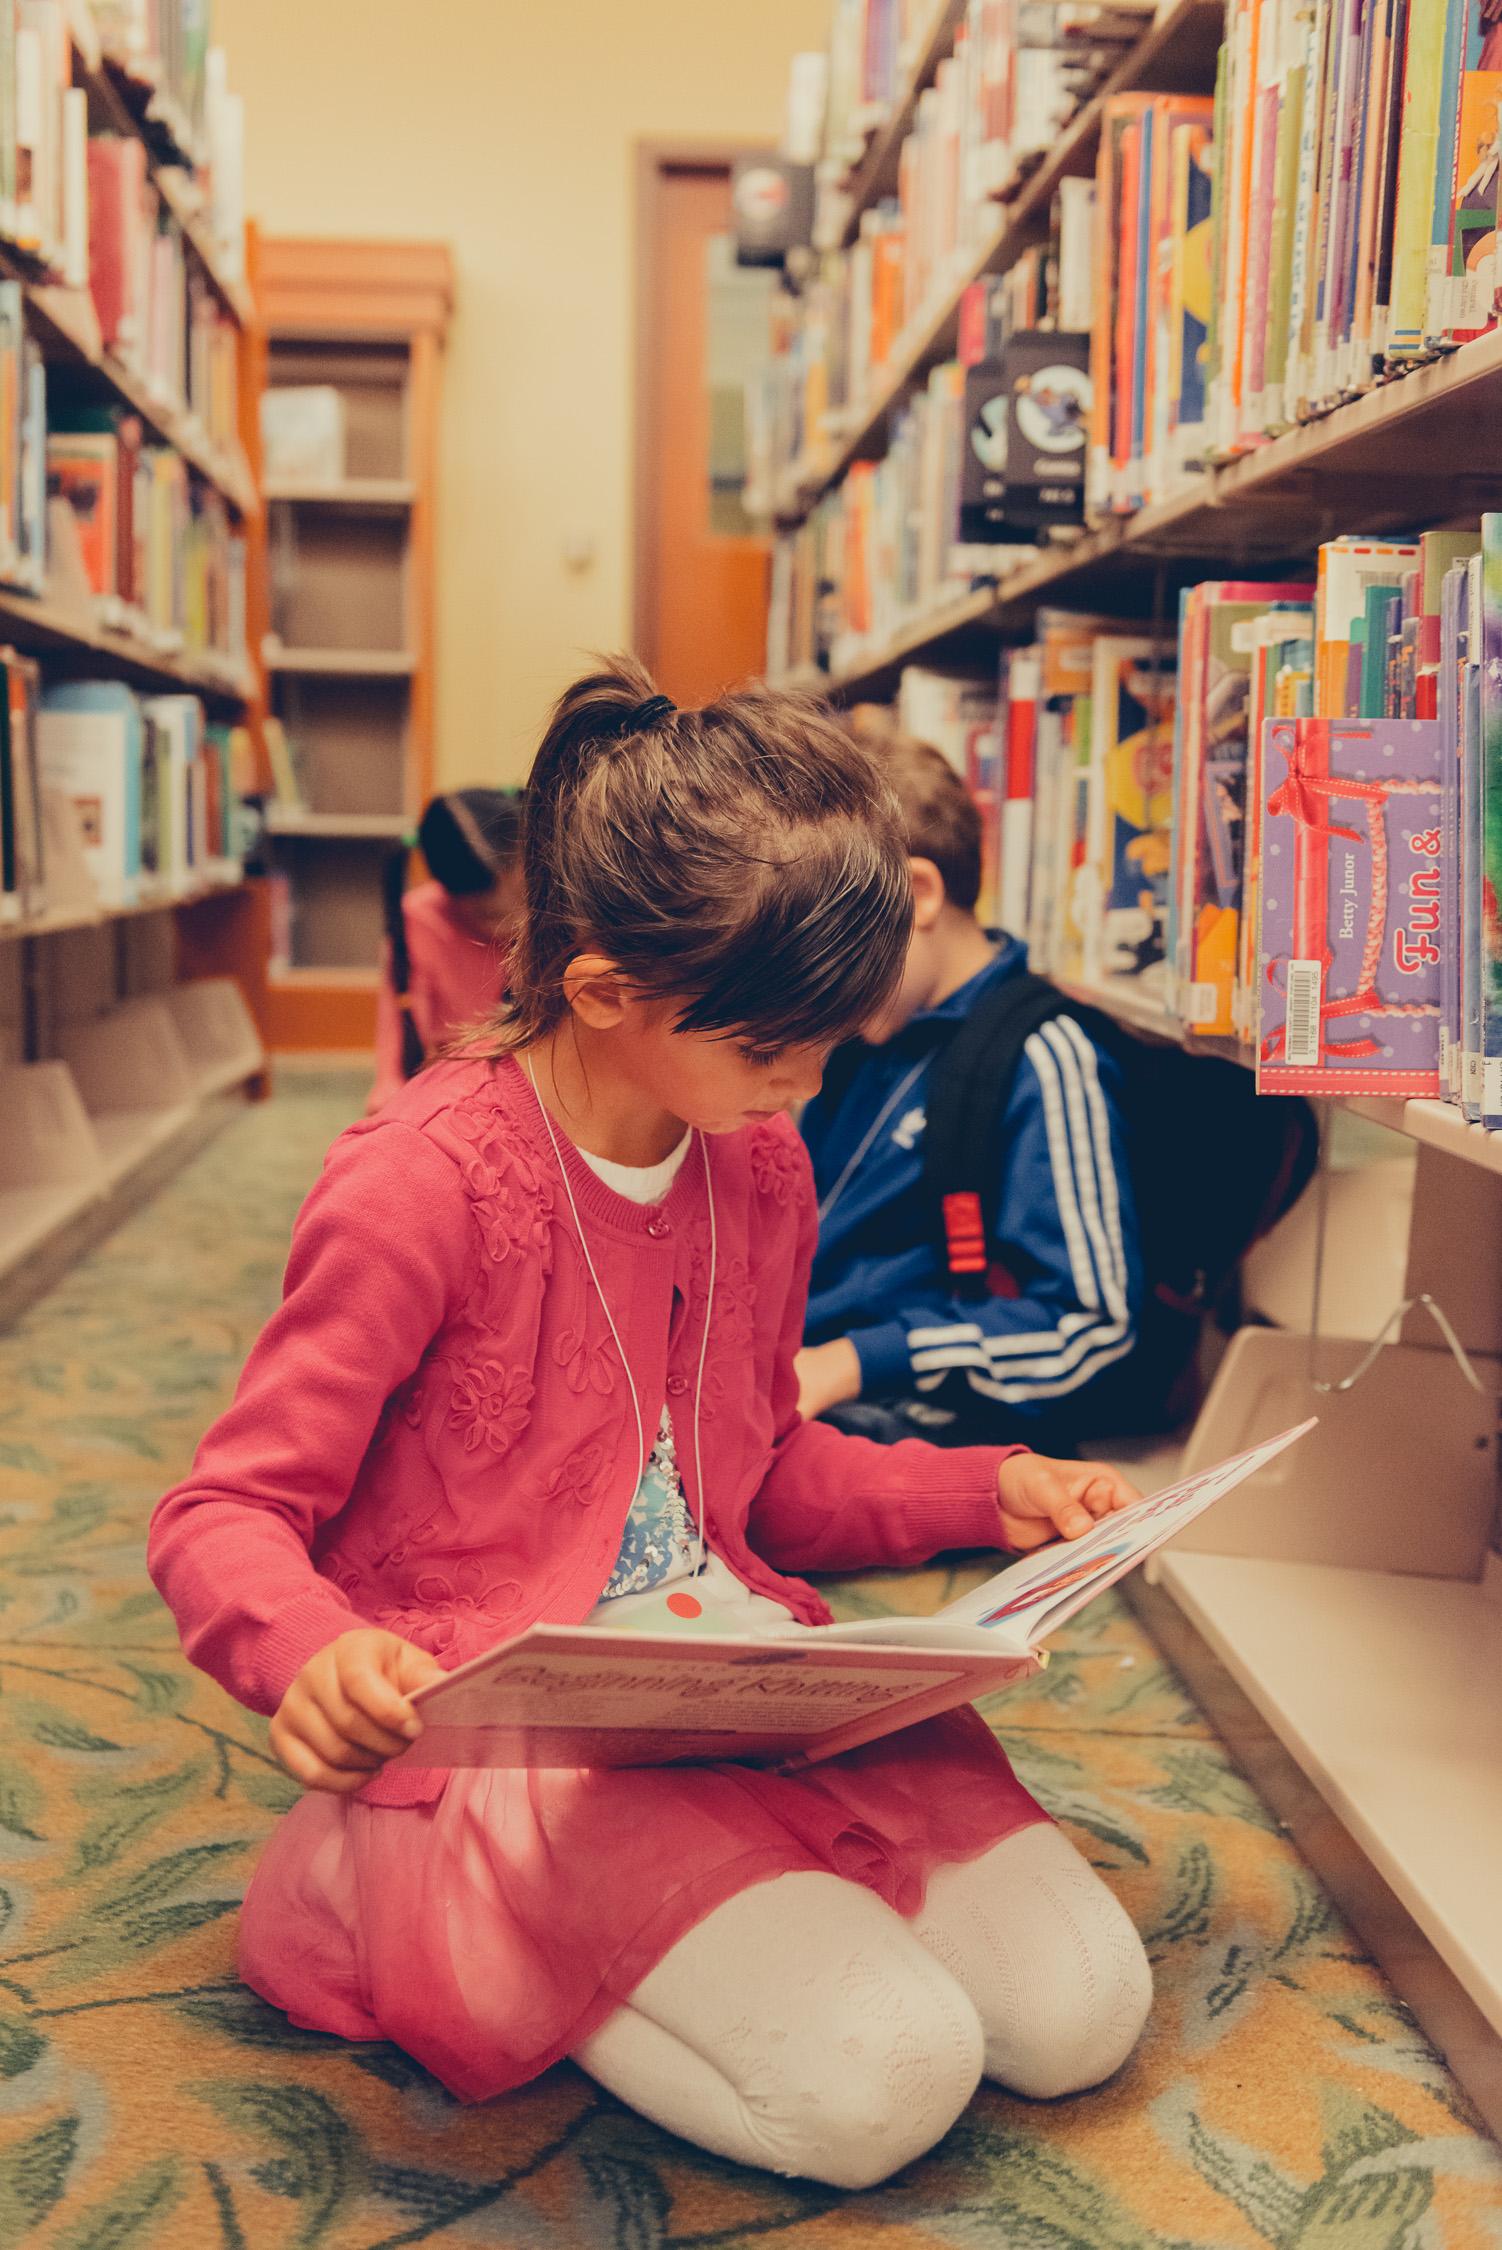 Summer Reading Program Ventura Park Another Look 08-06-15 -77.jpg